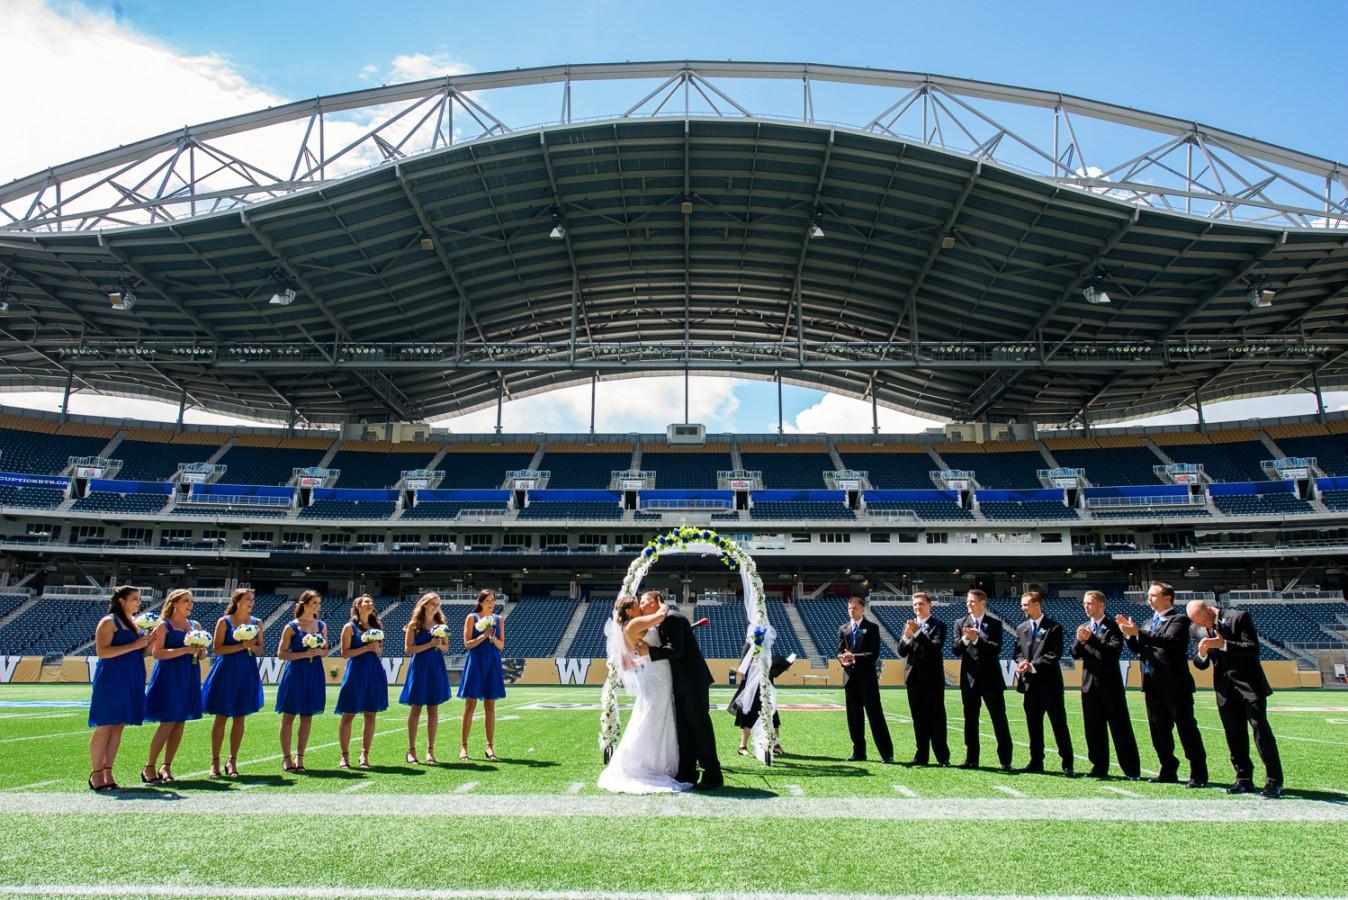 Nozze in curva. Lo stadio San Siro apre ai matrimoni